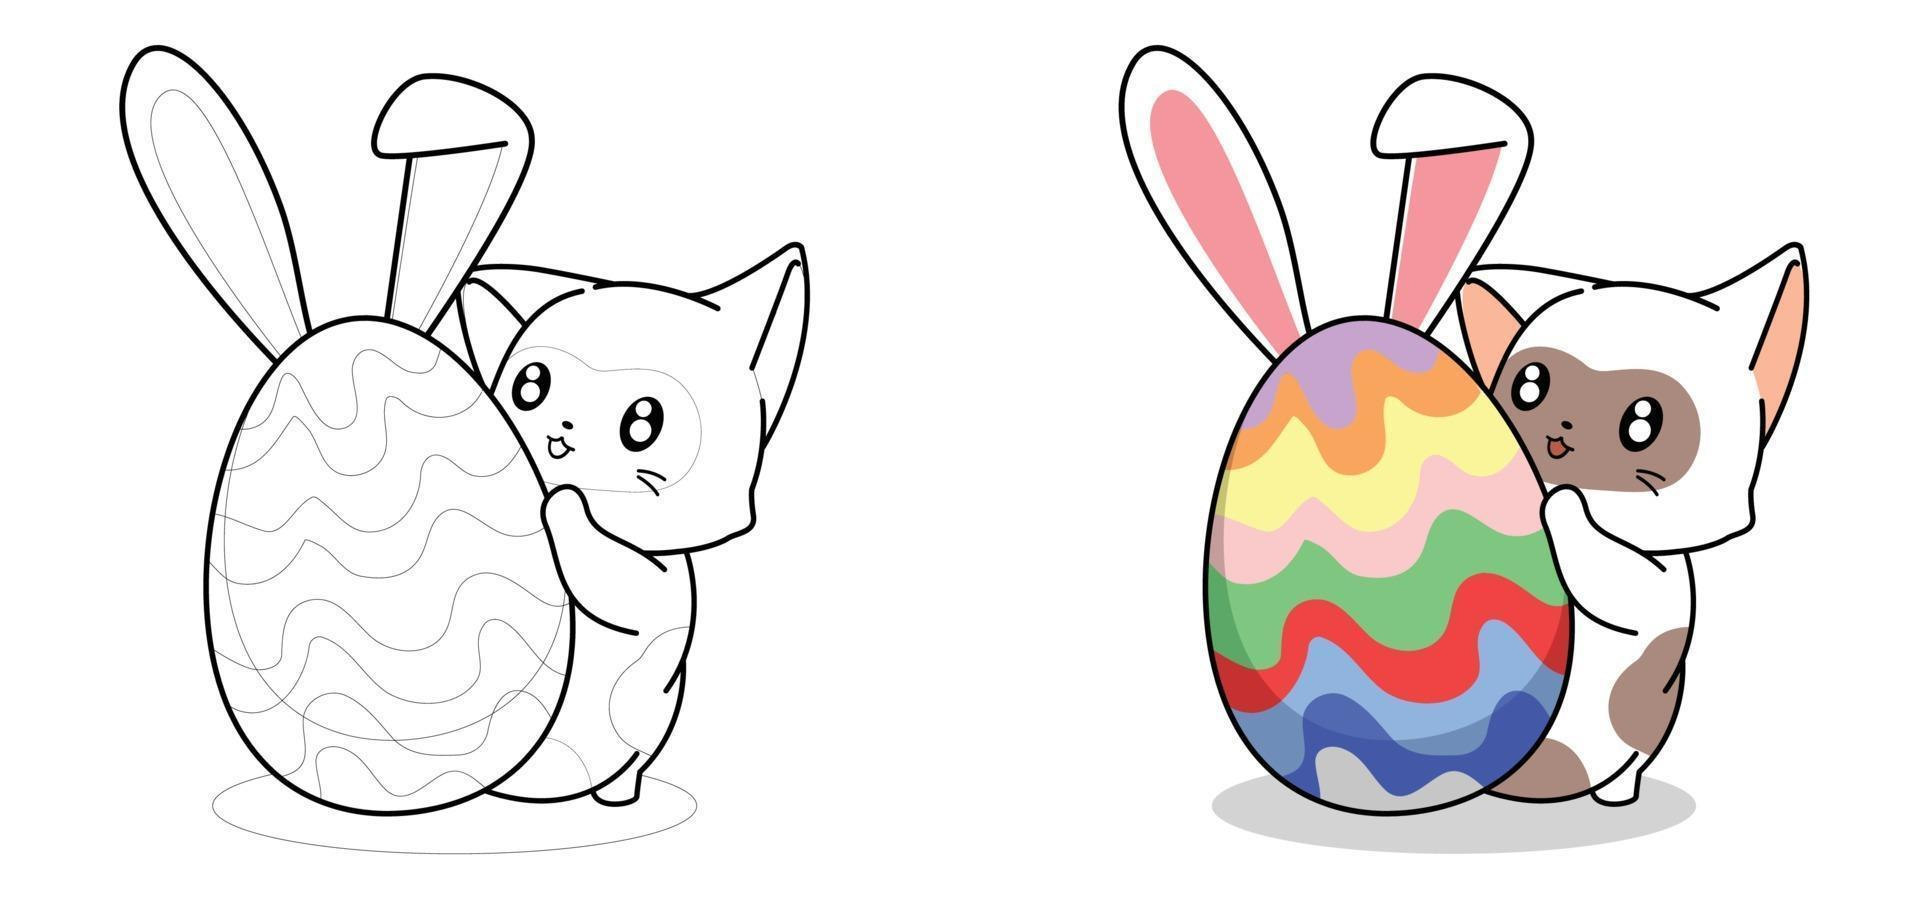 Adorabile Gatto E Uovo Coniglietto Per Il Giorno Di Pasqua Pagina Da Colorare Per Bambini 2032078 Scarica Immagini Vettoriali Gratis Grafica Vettoriale E Disegno Modelli